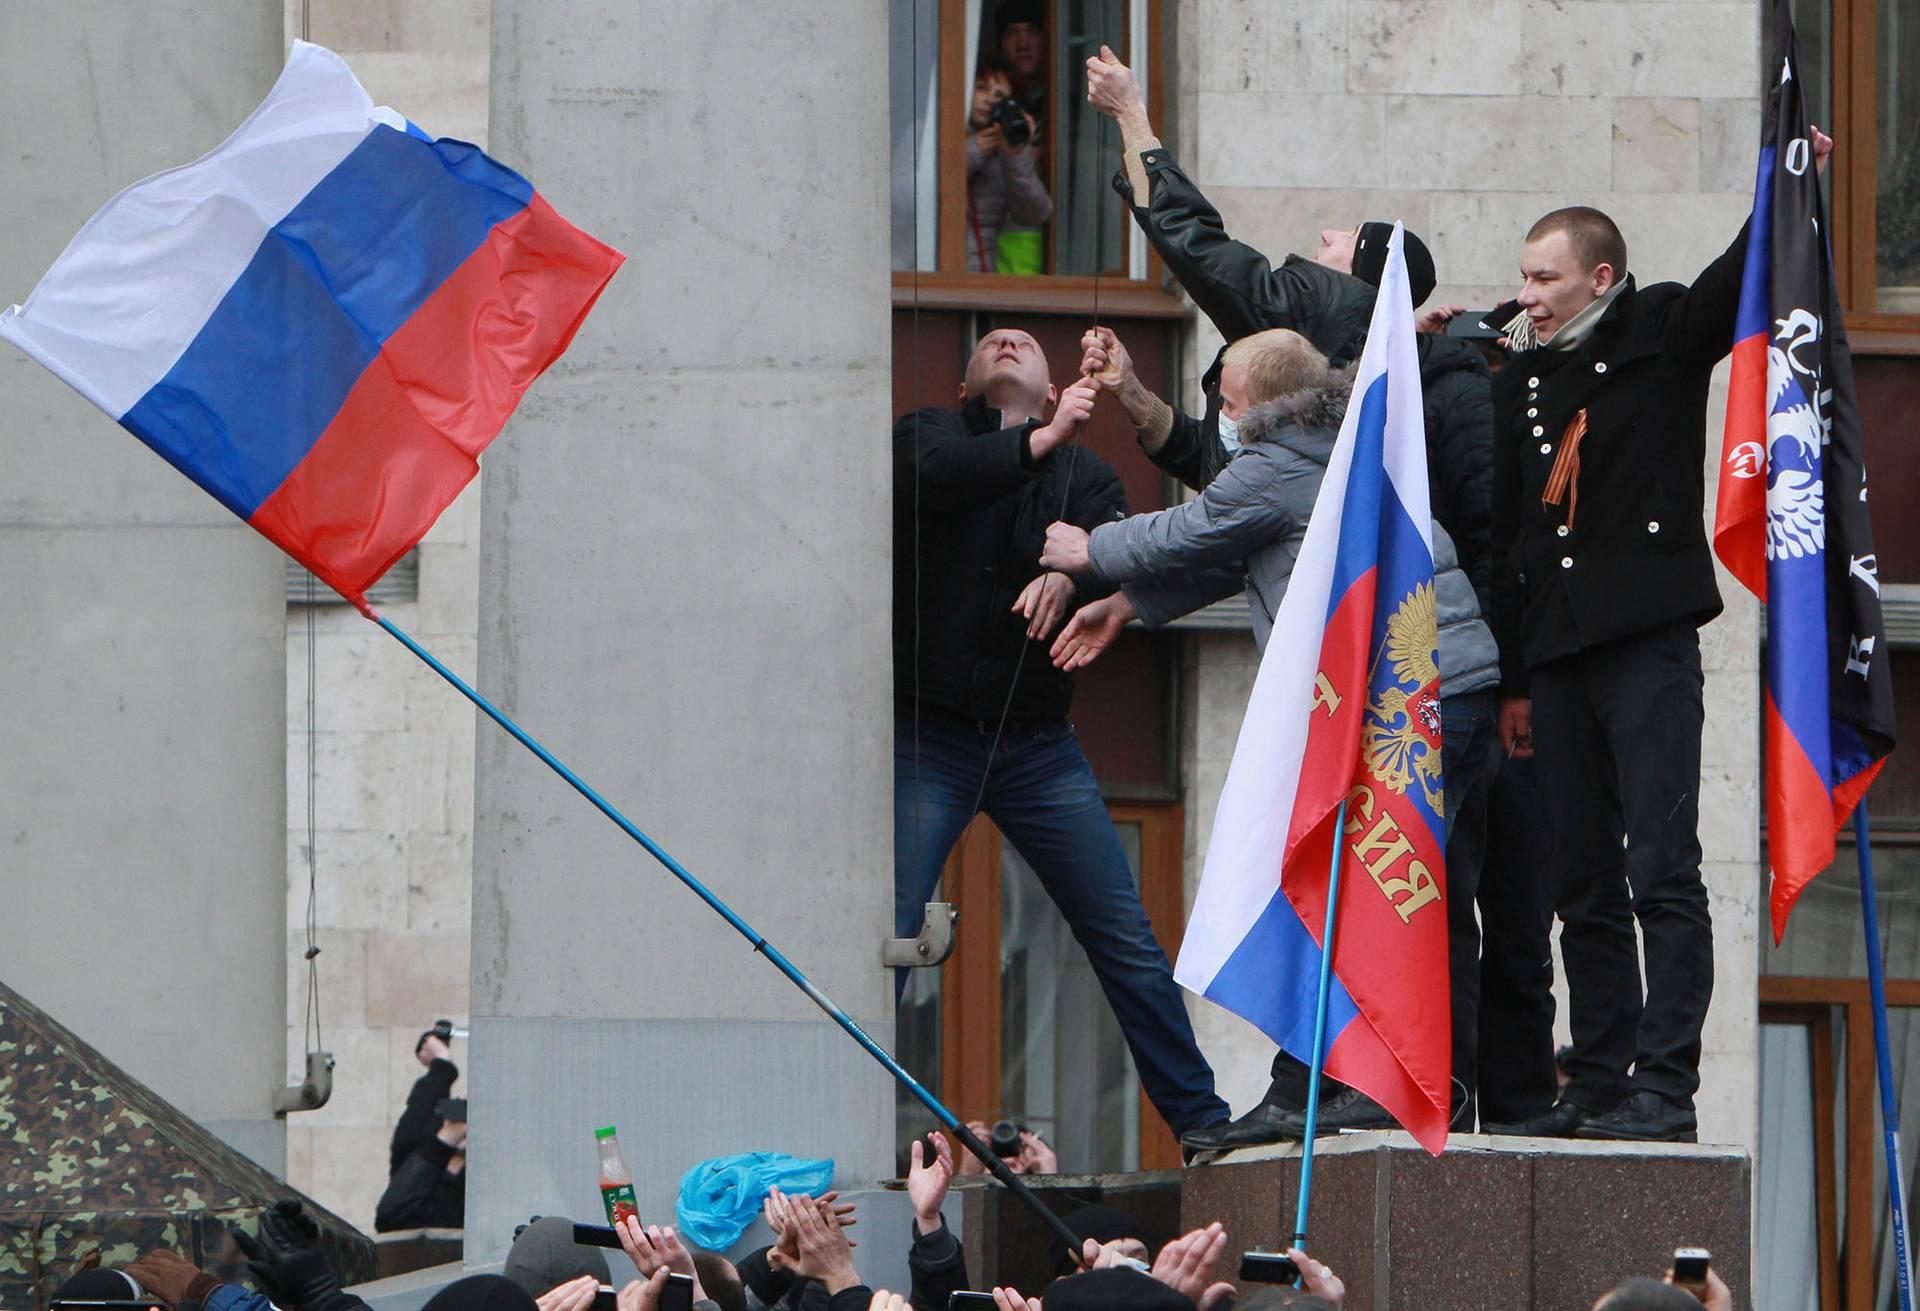 Сепаратисти встановили російський прапор на будівлі обласної адміністрації в Донецьку, Україна, 1 березня 2014 року